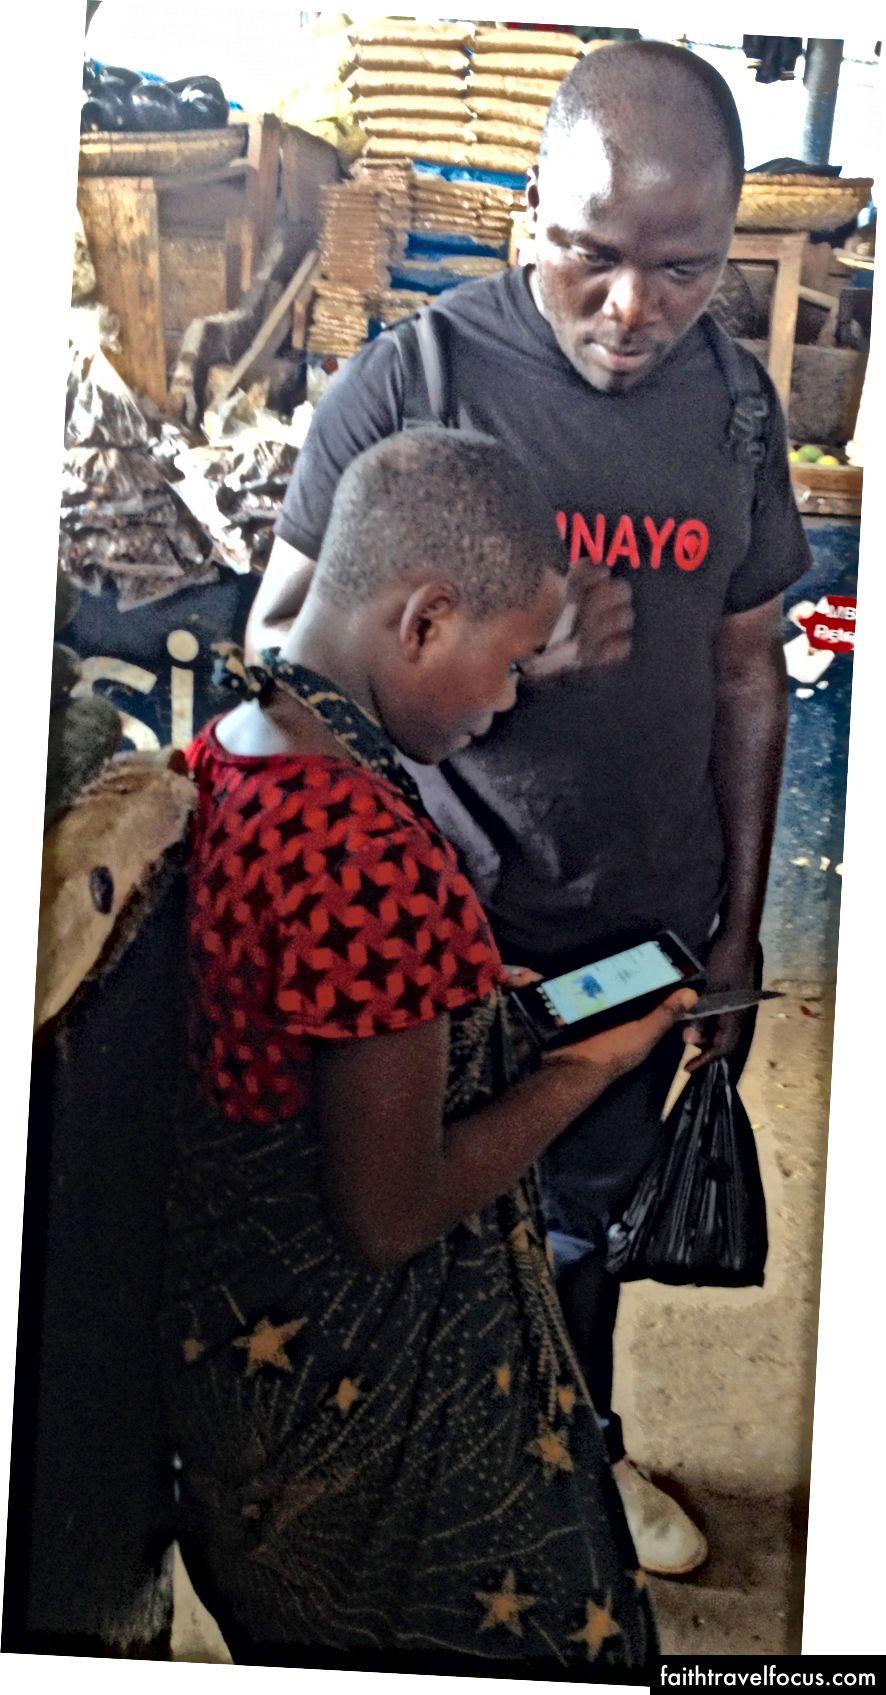 NINAYO-teammedlem Kassian Mwenda viser en butikkjente hvordan hun kan få bedre priser på varene sine på NINAYO.com